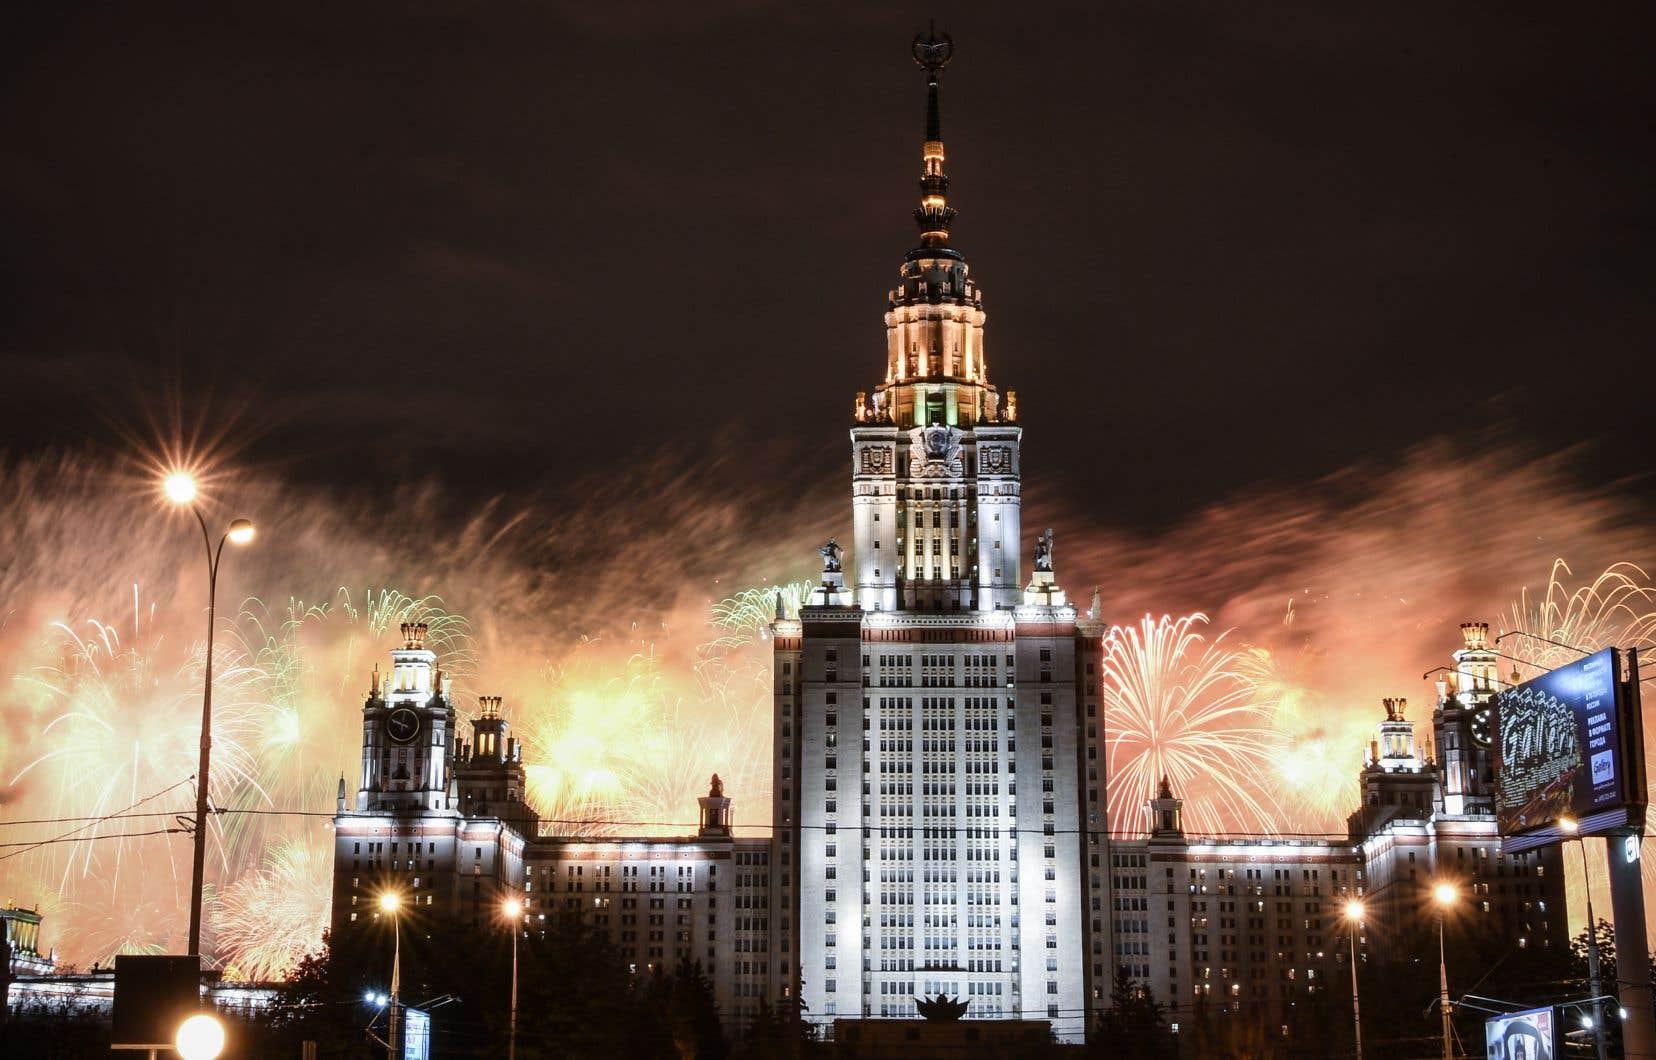 La Russie a modestement fêté samedi les 75ans de la victoire, sans l'habituel grand défilé militaire et les milliers de Russes dans les rues.